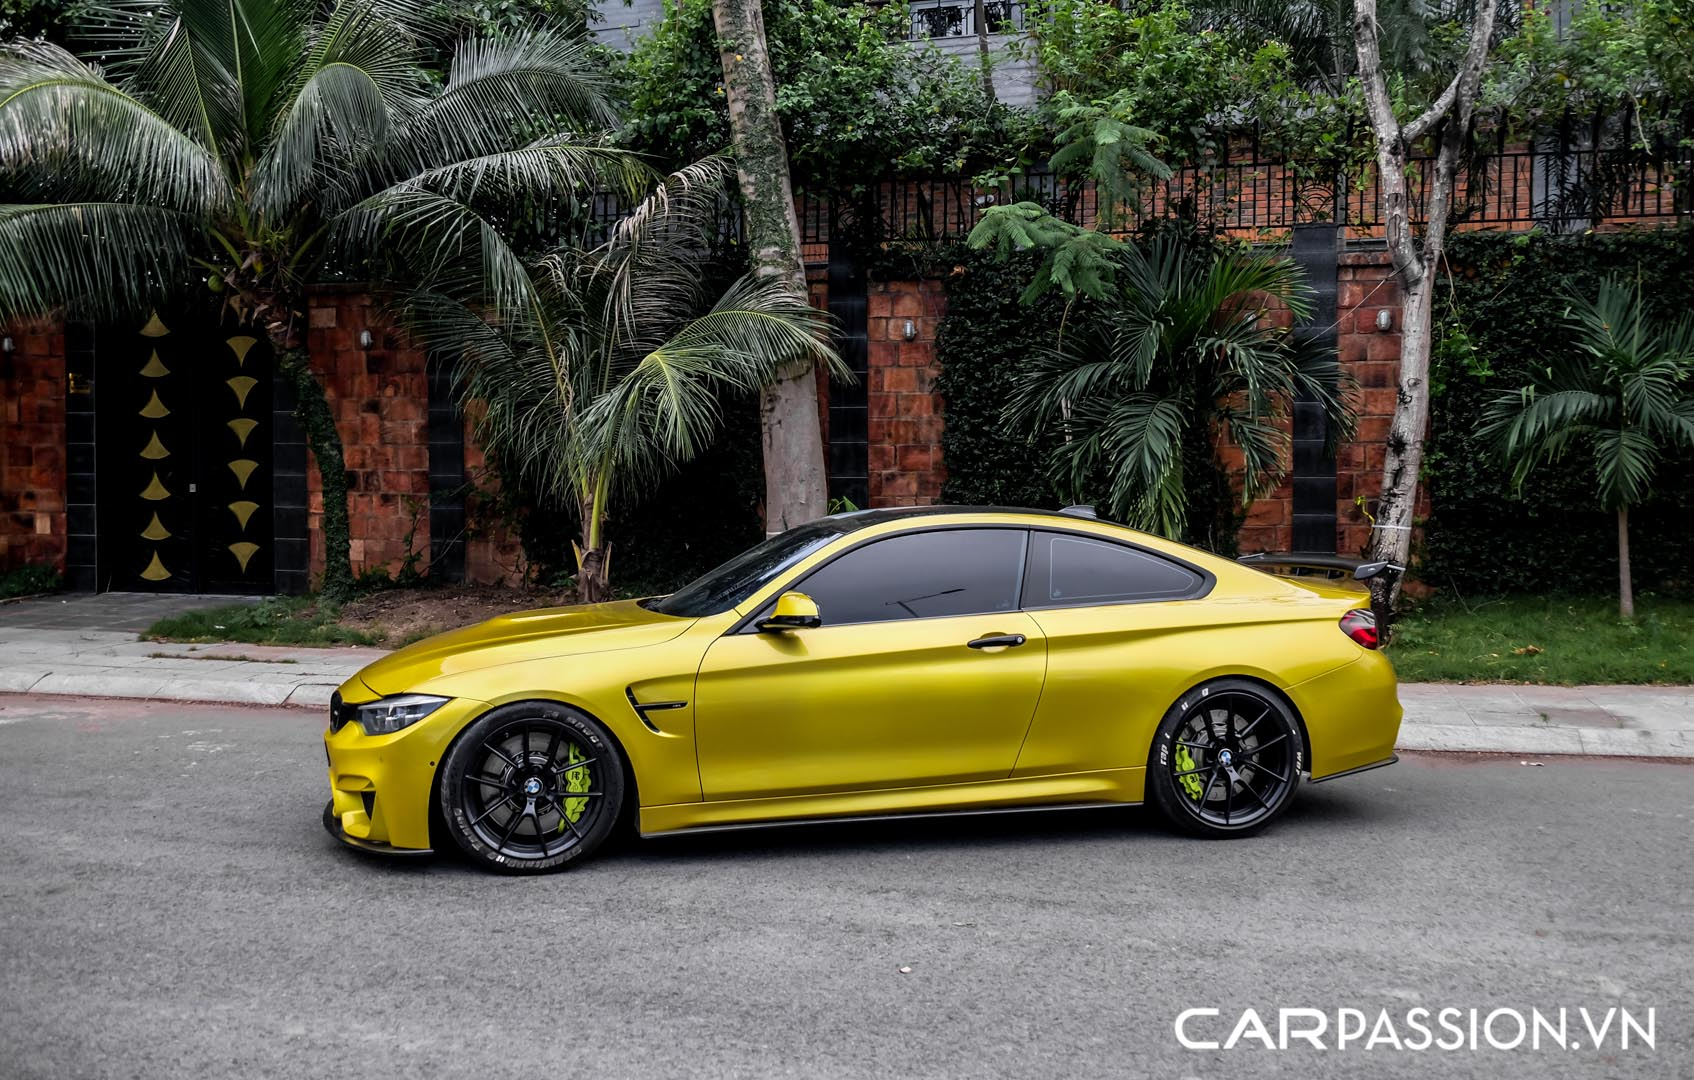 CP-BMW M4 F8 được rao bán (18).jpg